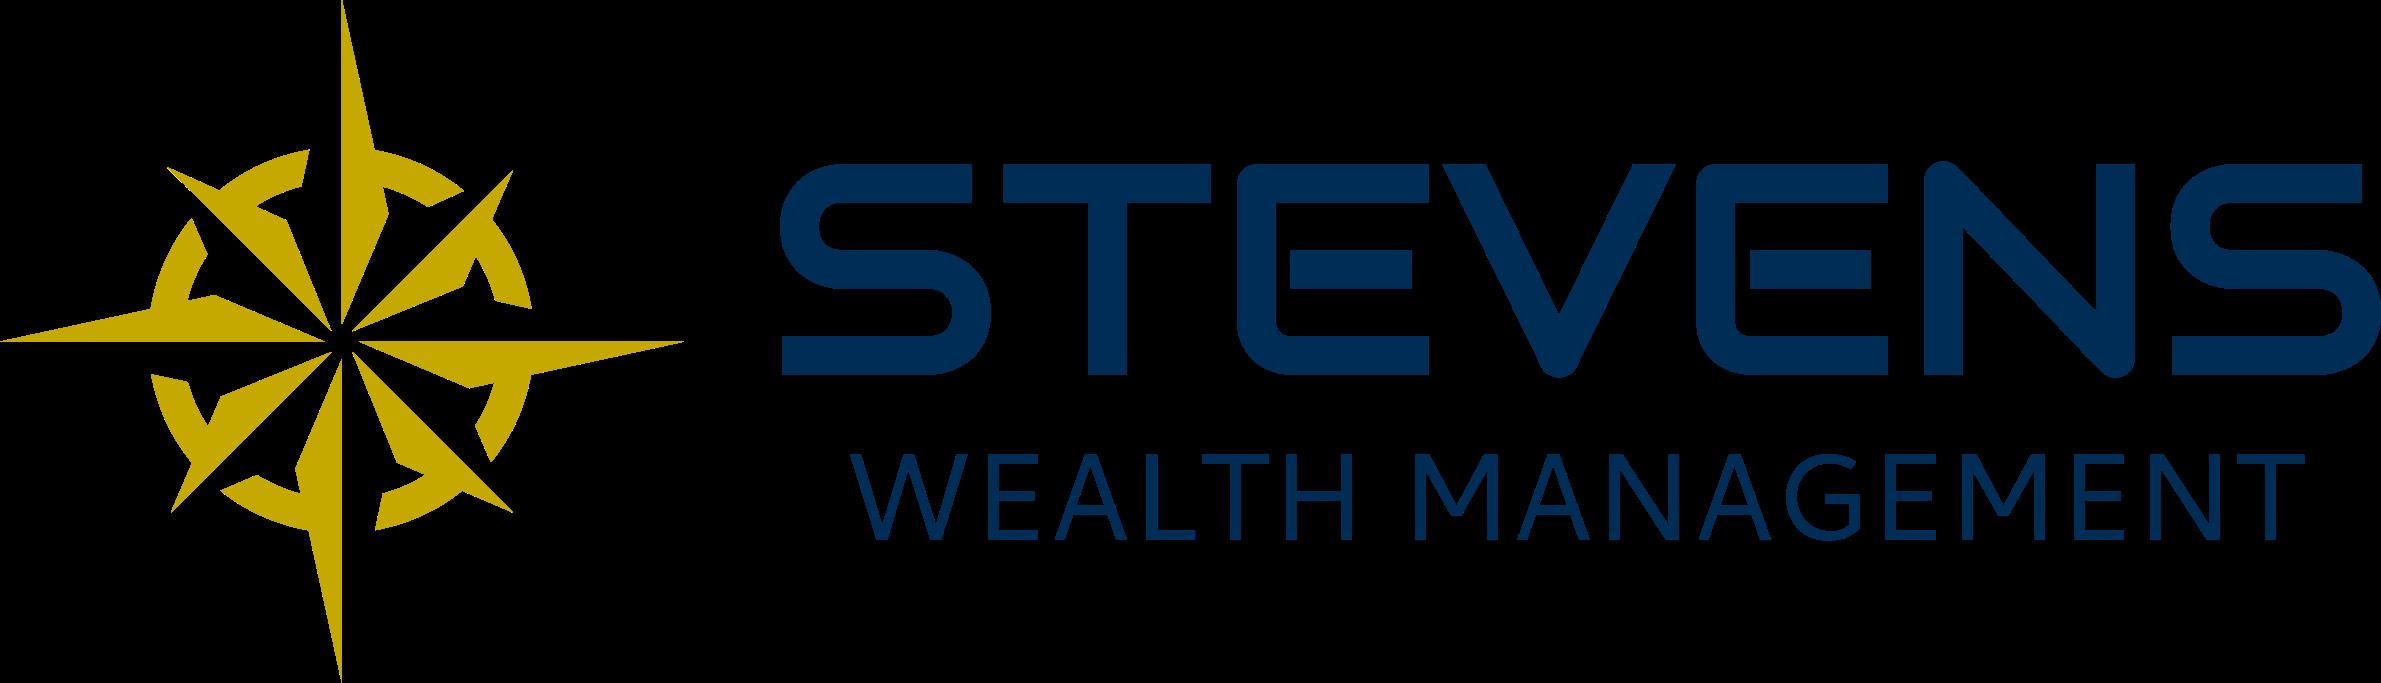 STEVENS WEALTH MANAGEMENT